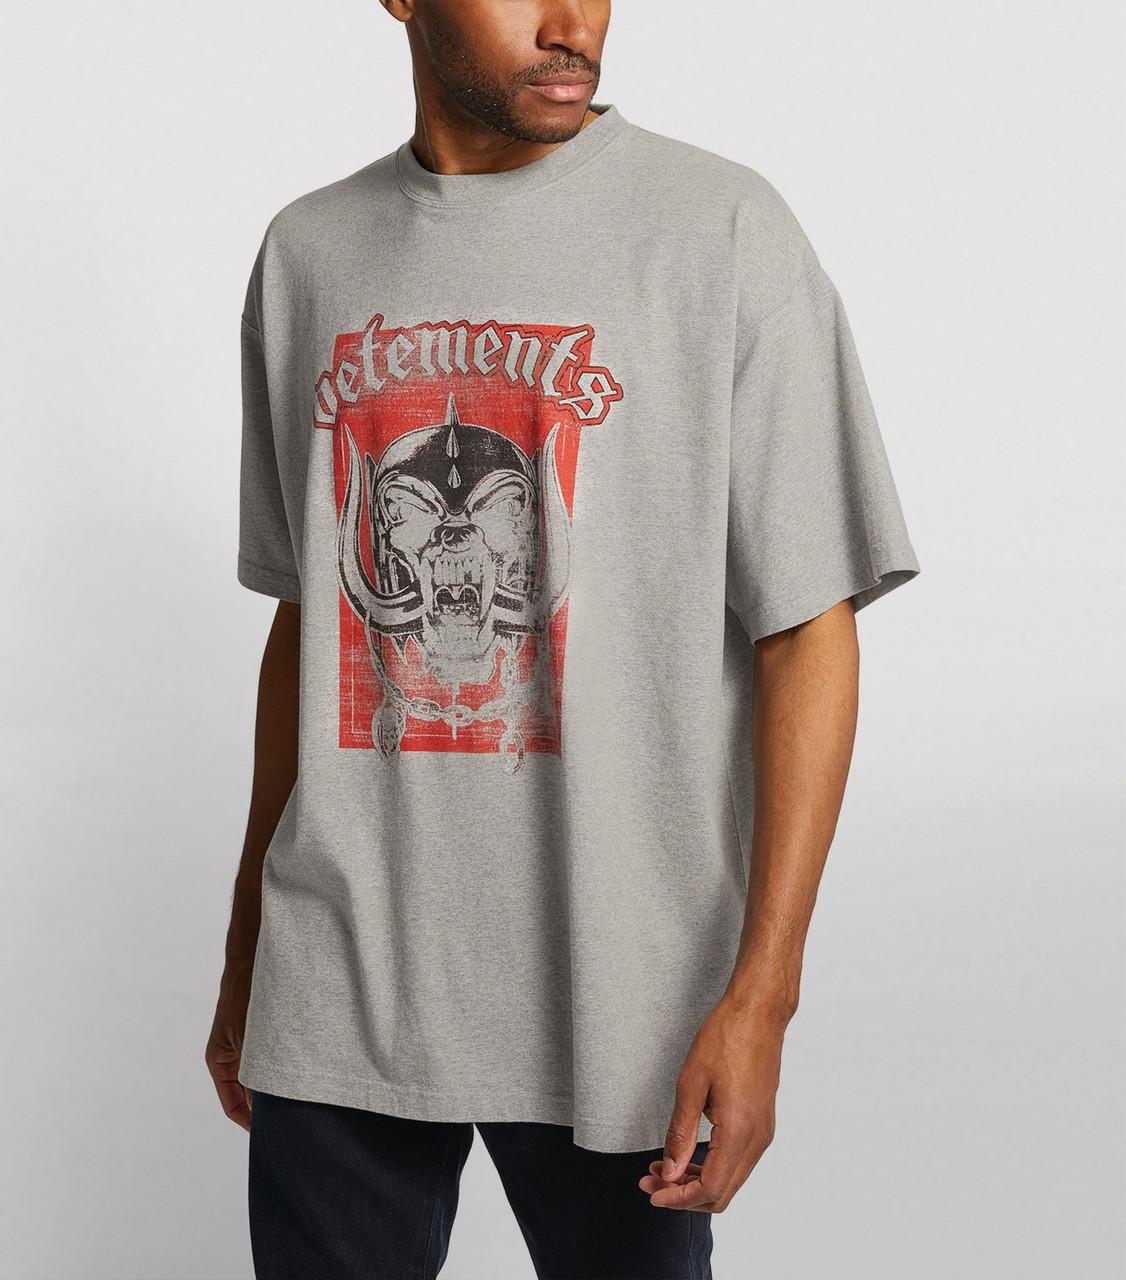 Футболка серая Vetements Motorhead • Ветеменс футболка мужская   женская   детская